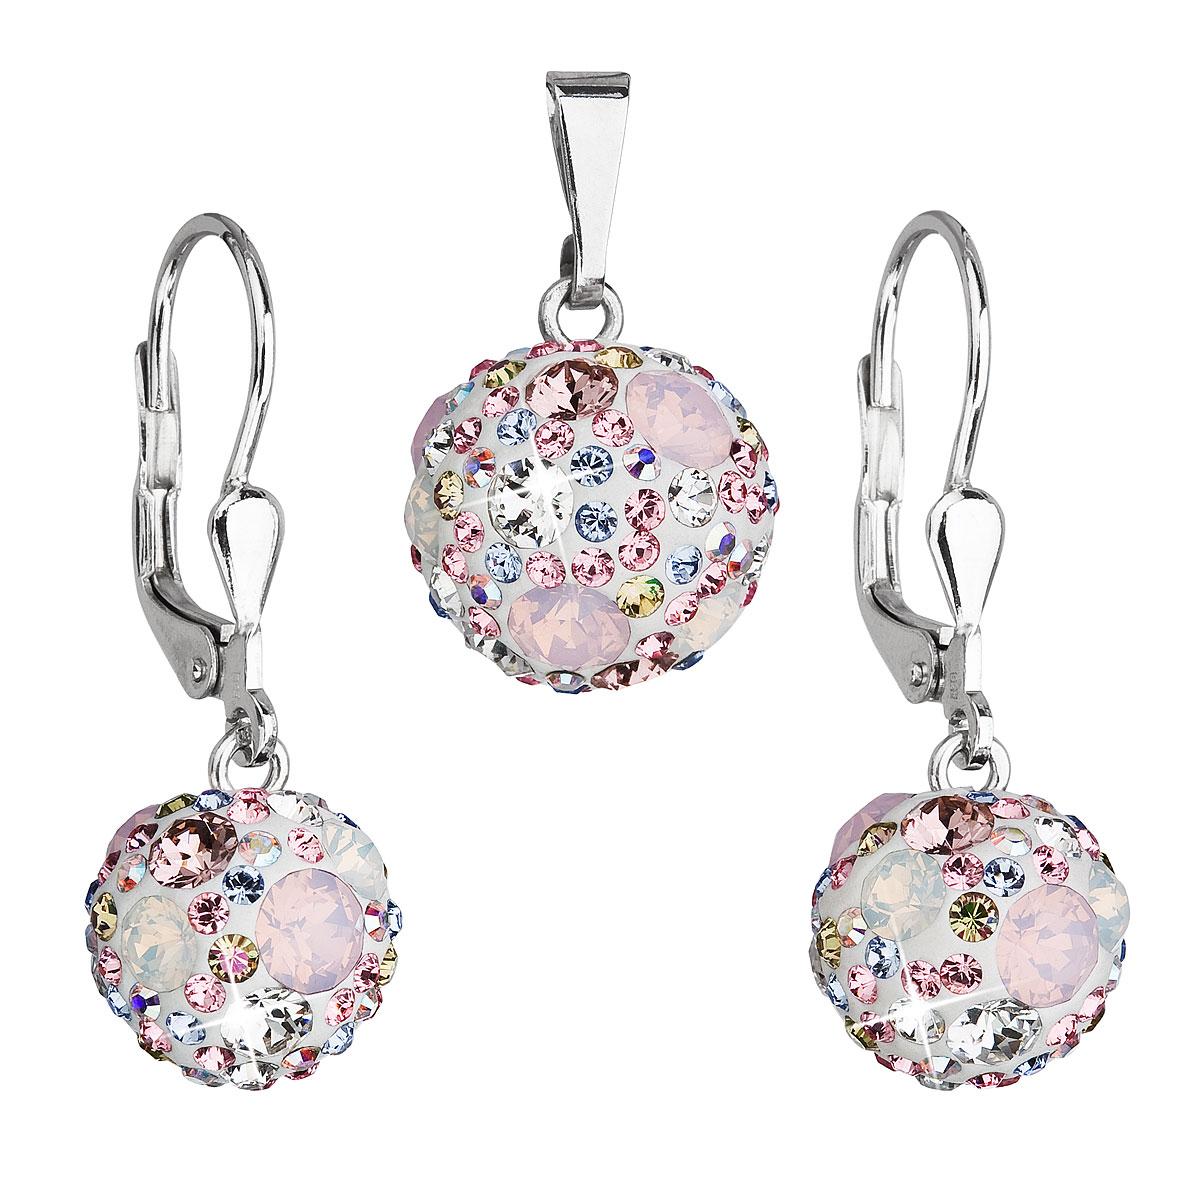 Evolution Group Sada šperků s krystaly Swarovski náušnice a přívěsek růžové kulaté 39072.3, dárkové balení